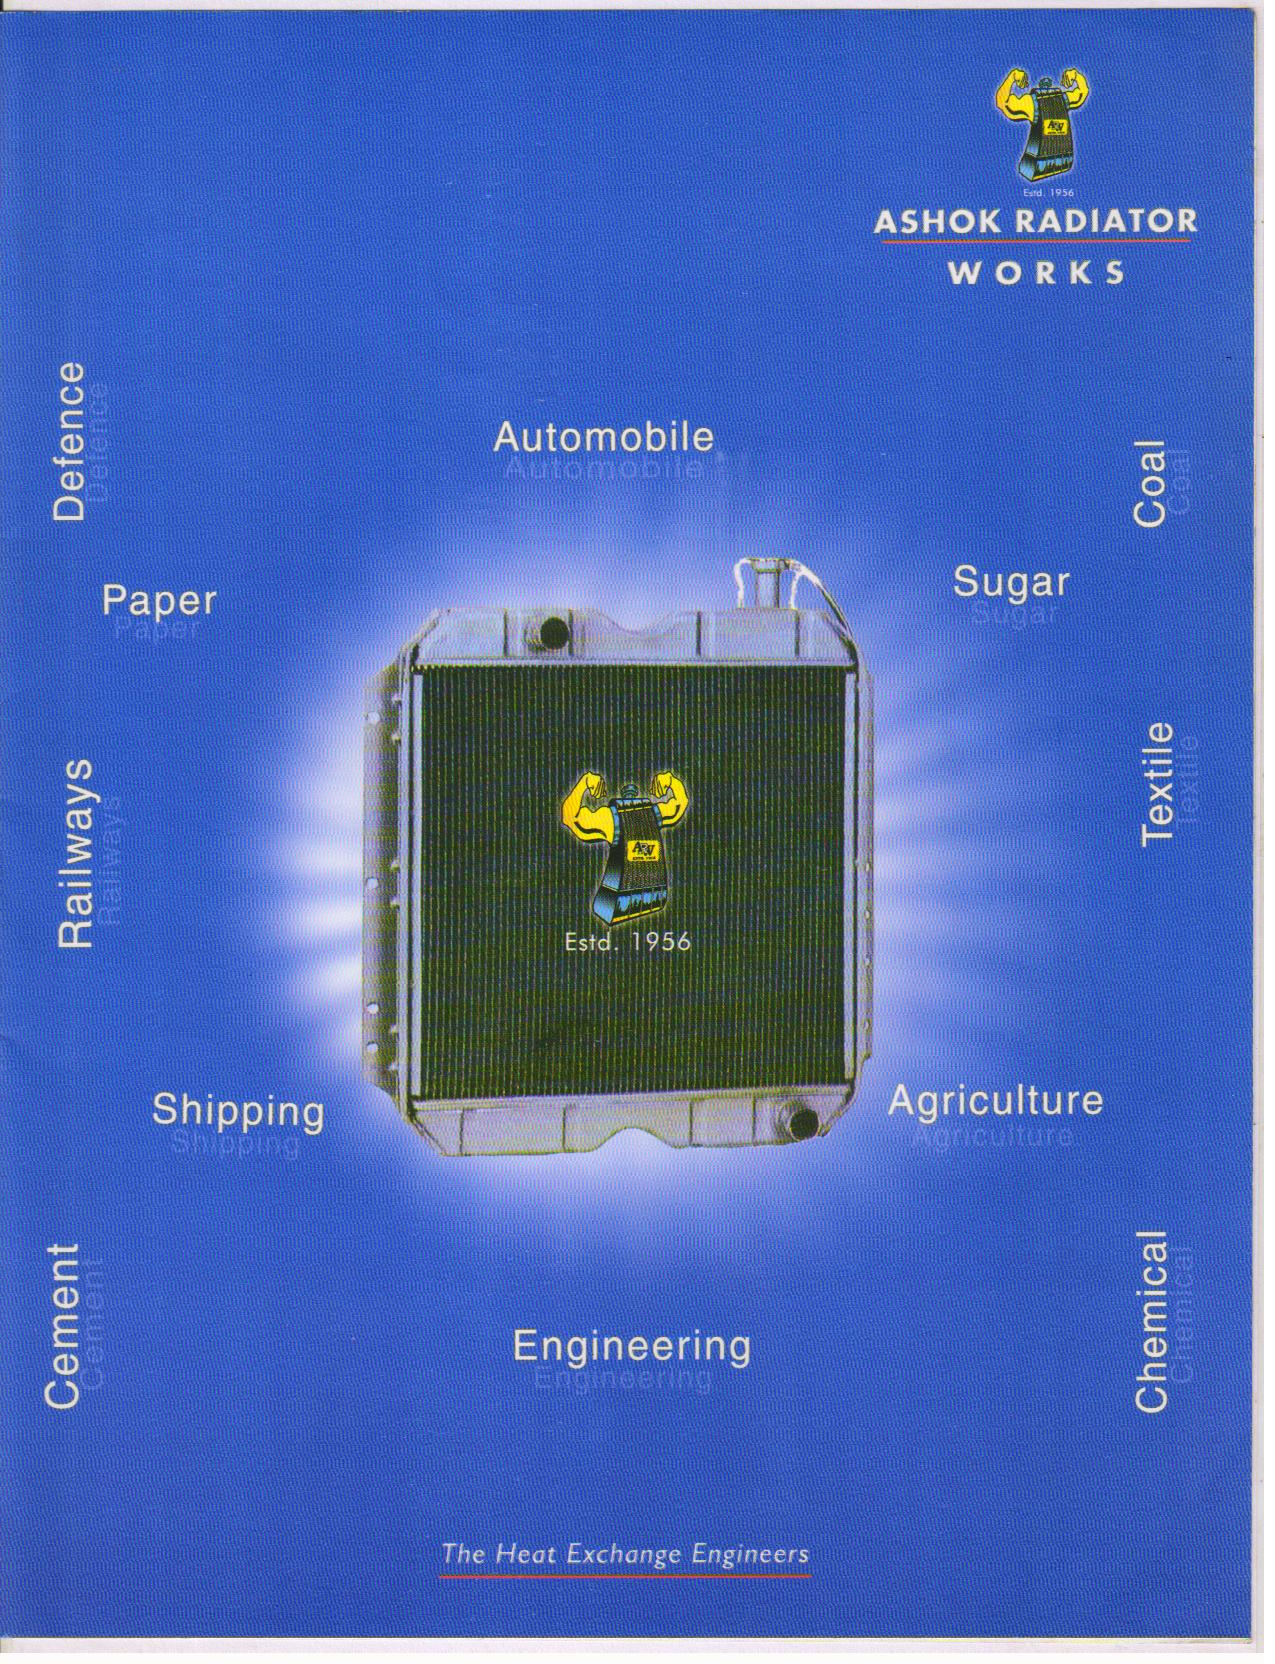 Ashok Radiator Works